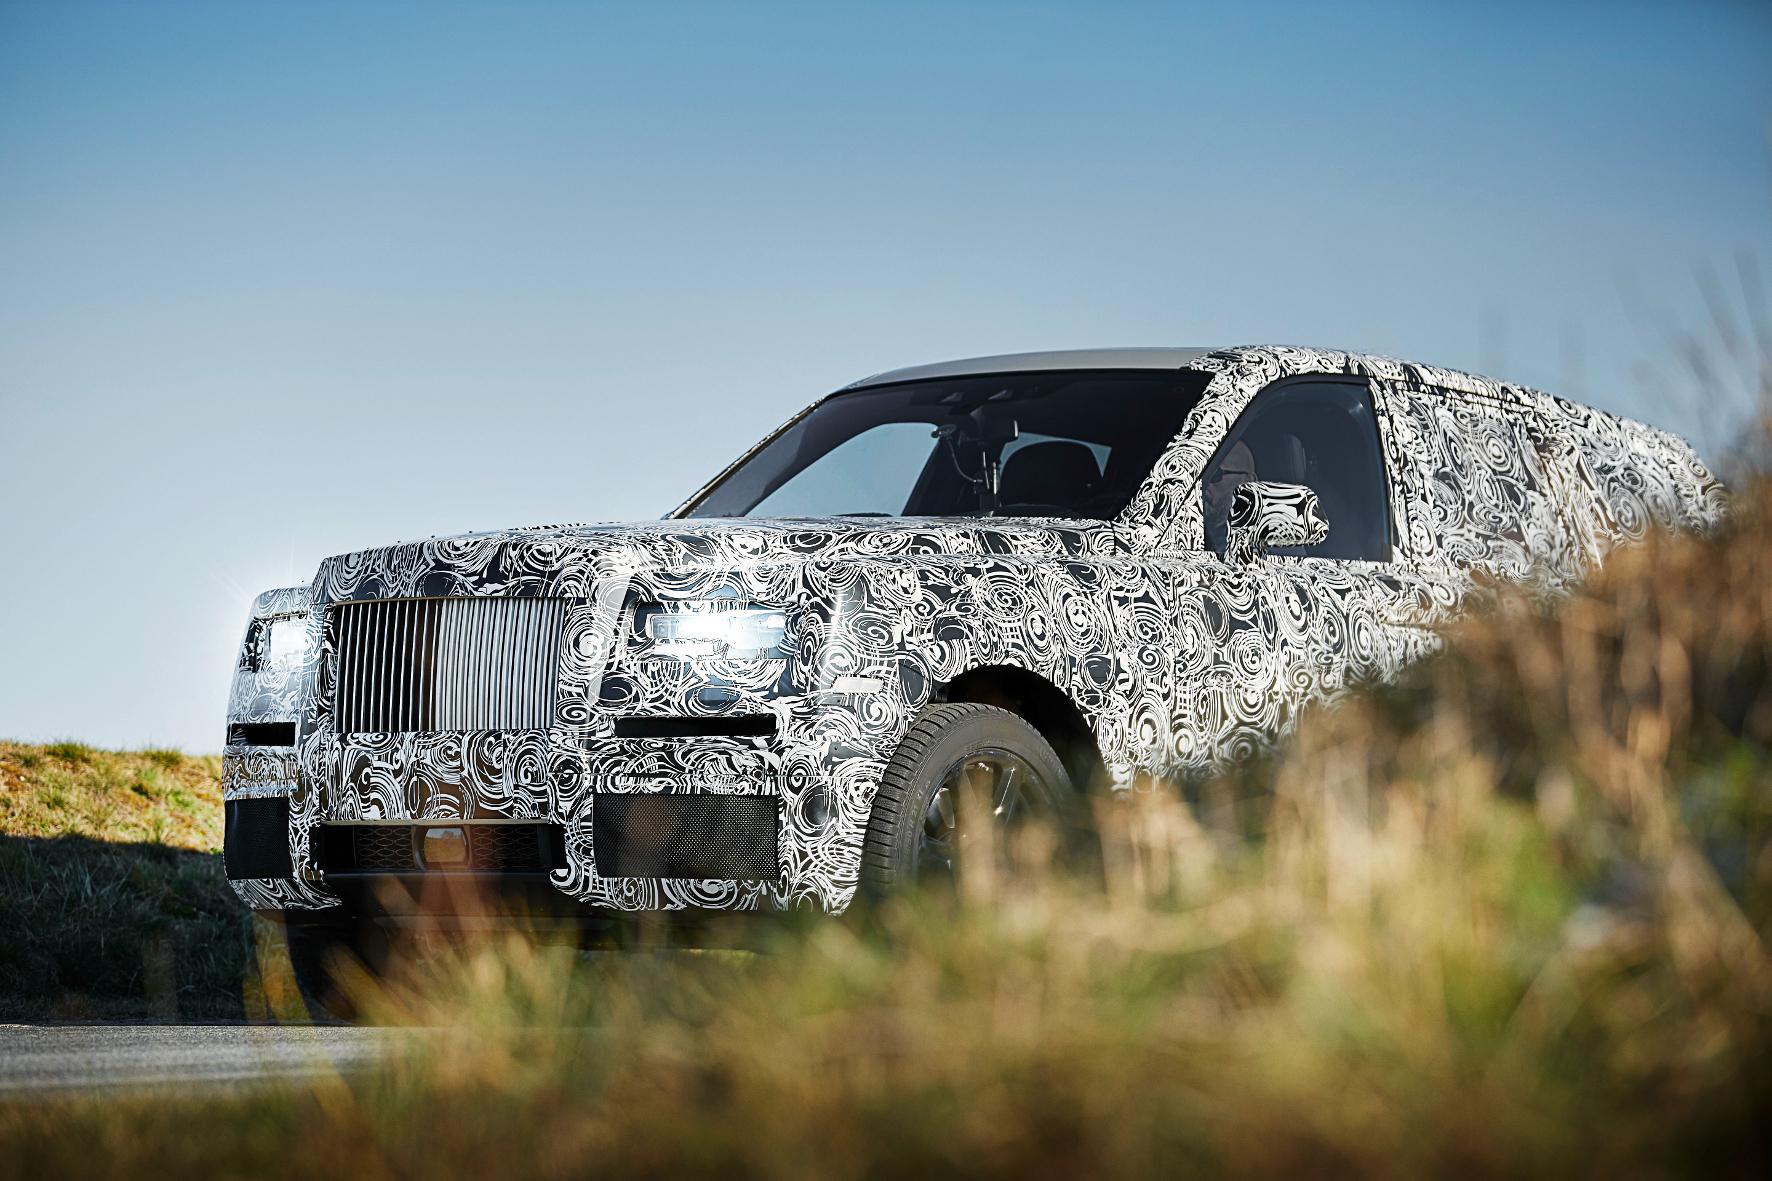 mid Groß-Gerau - Wer kommt denn da im Tarnanzug aus dem Gebüsch? Das ist der neue Rolls-Royce Cullinan. Die Briten zeigen jetzt erste Bilder des Luxus-SUV.